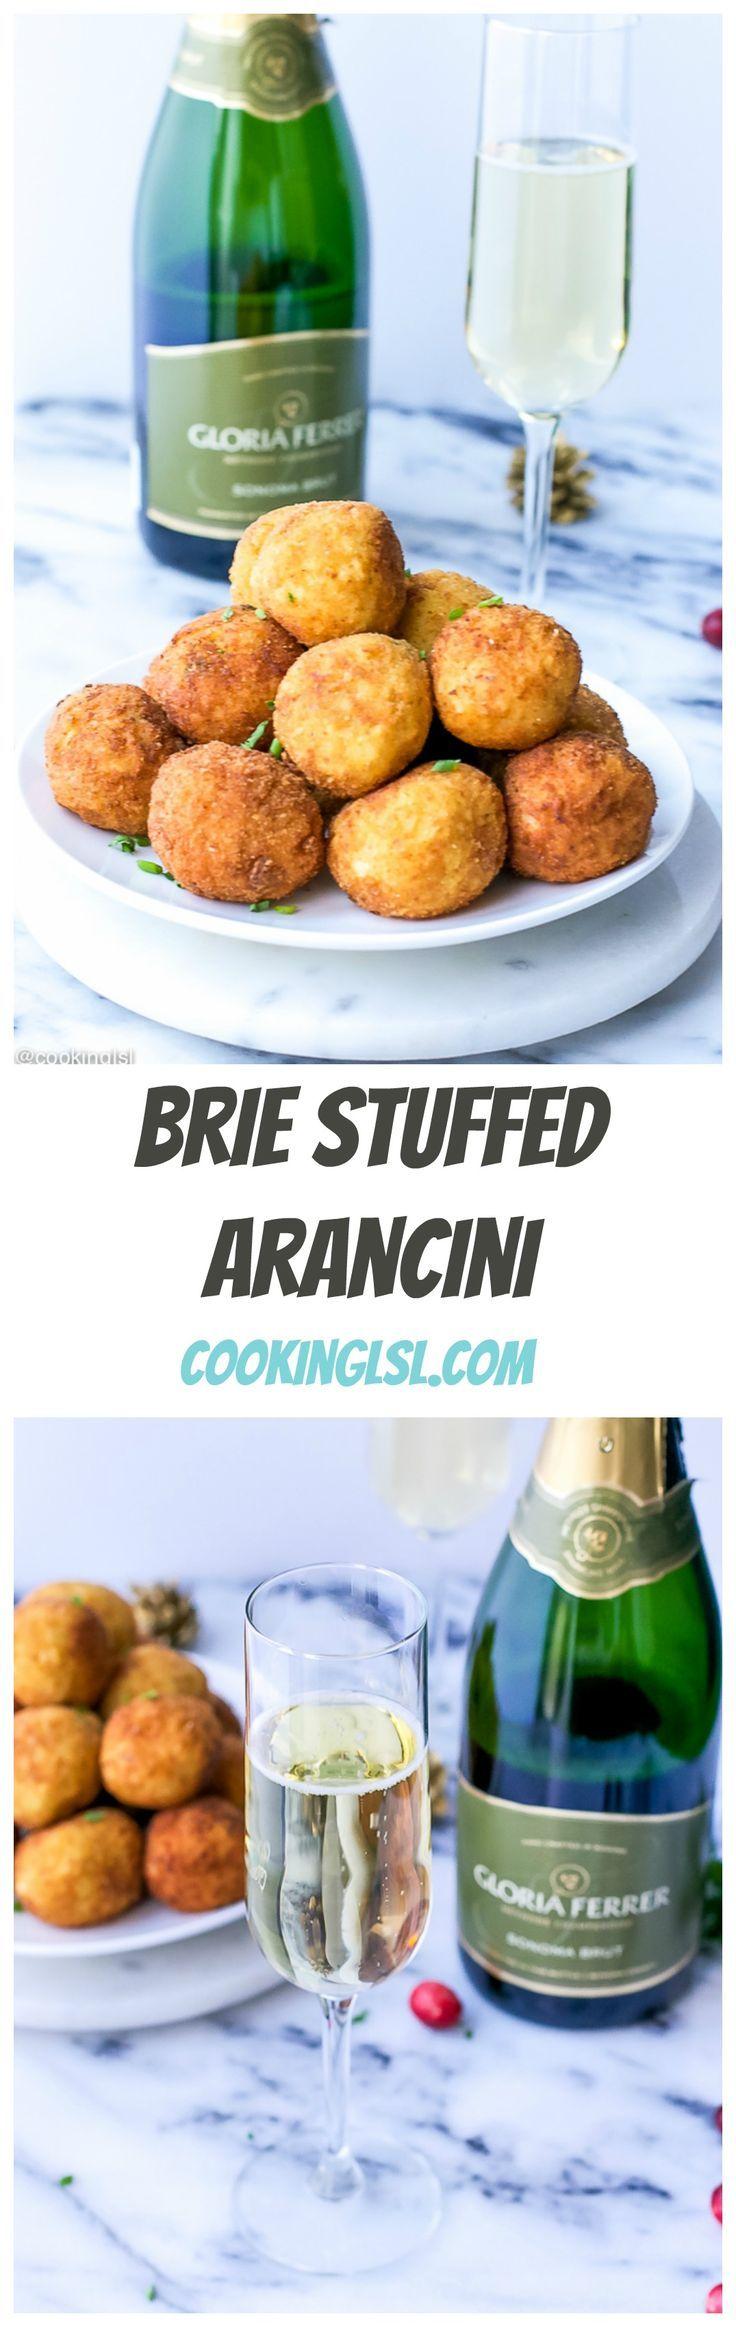 how to make italian arancini